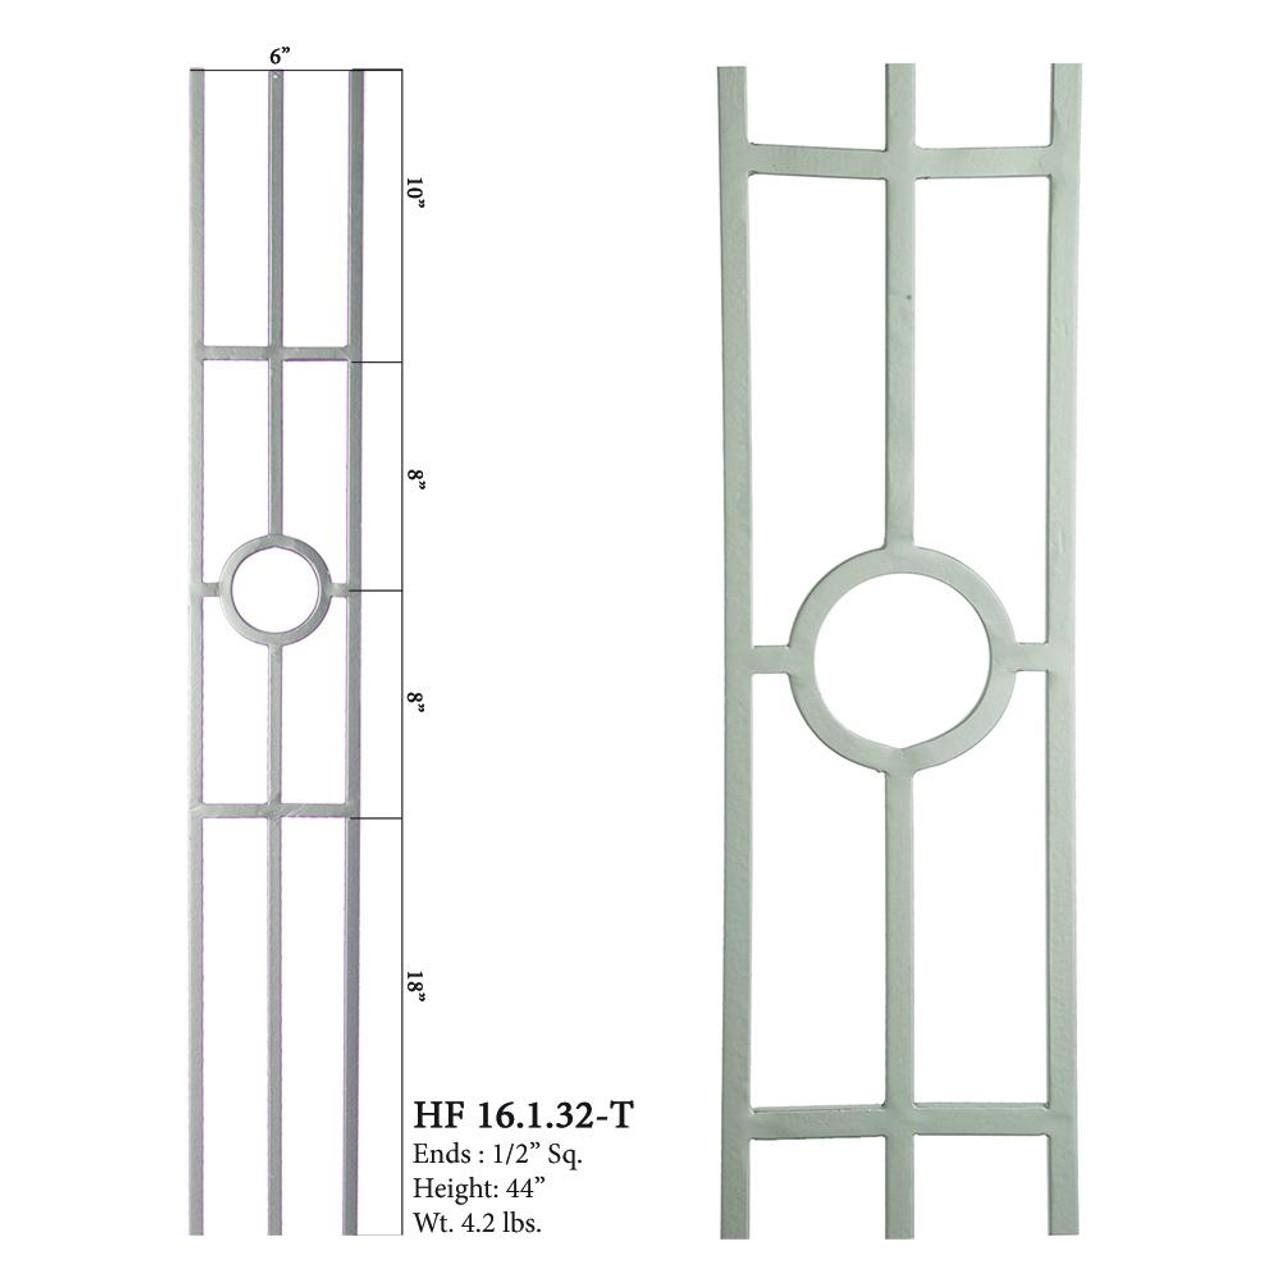 HF16.1.32-T Tubular Ash Gray 3-Leg Designer Panel